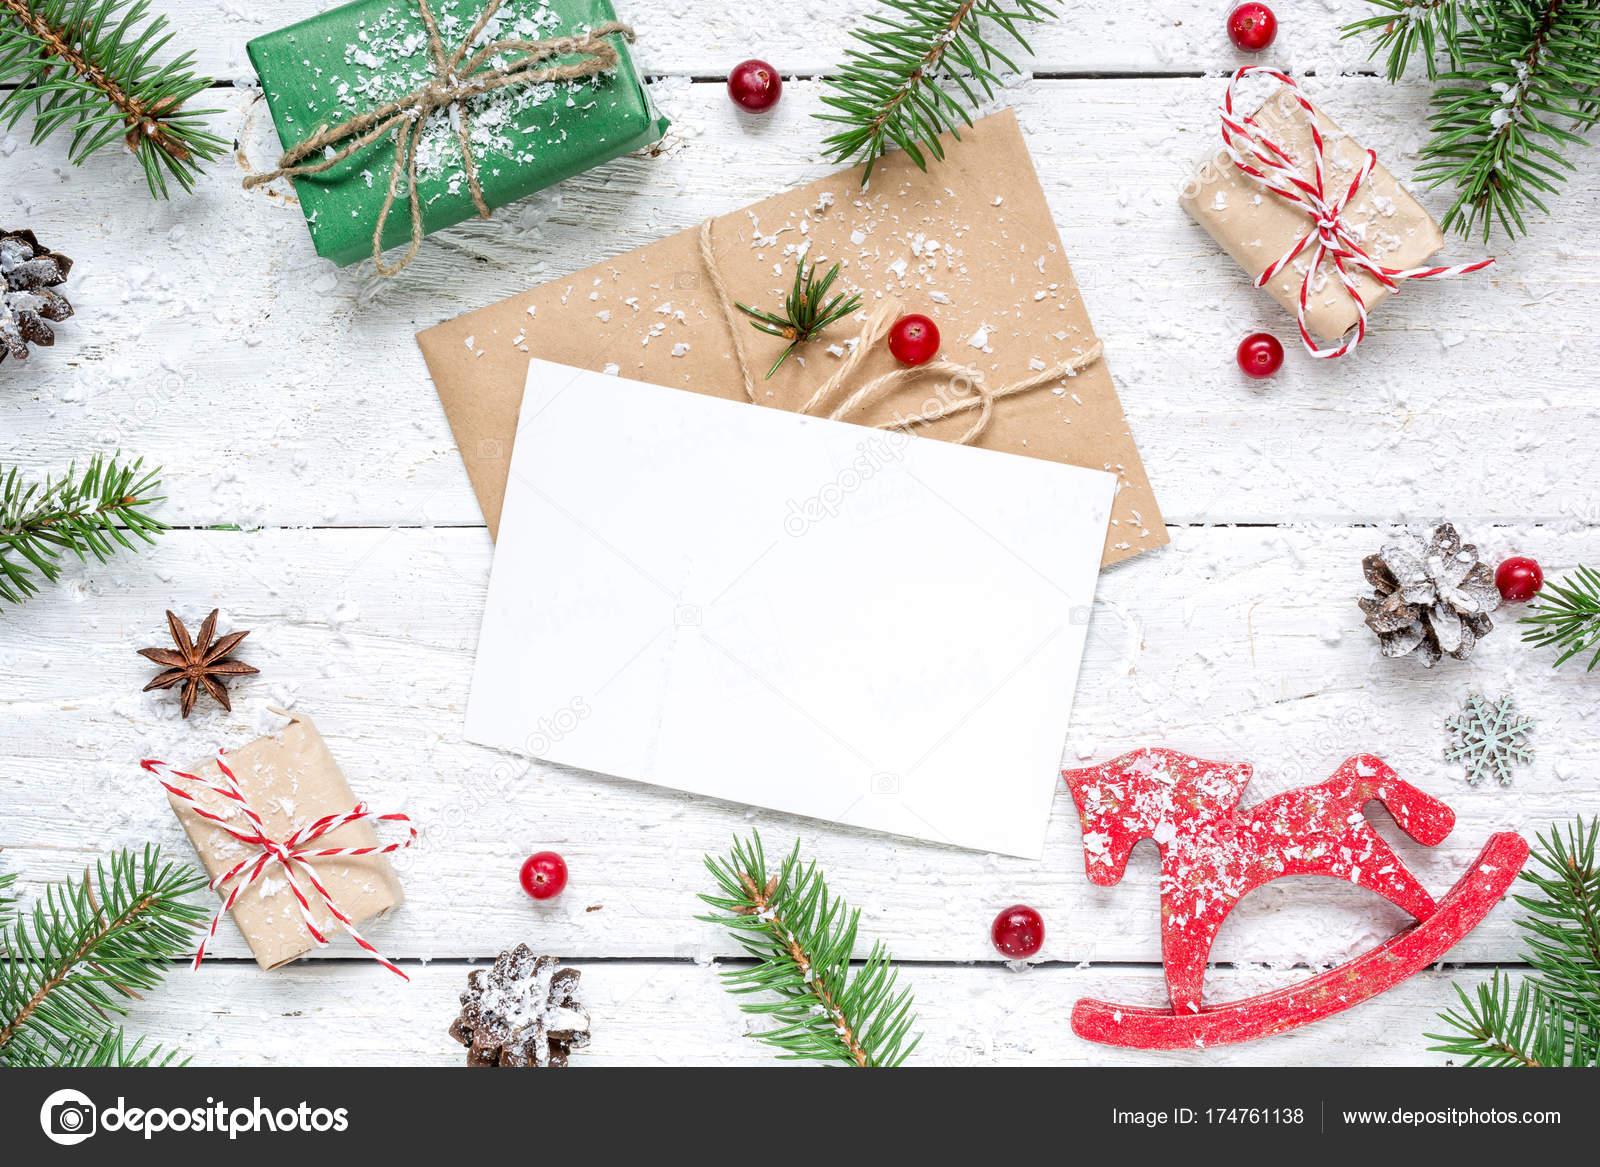 Weihnachten-Komposition mit leeren Grußkarte. Tanne Äste, Pferd ...